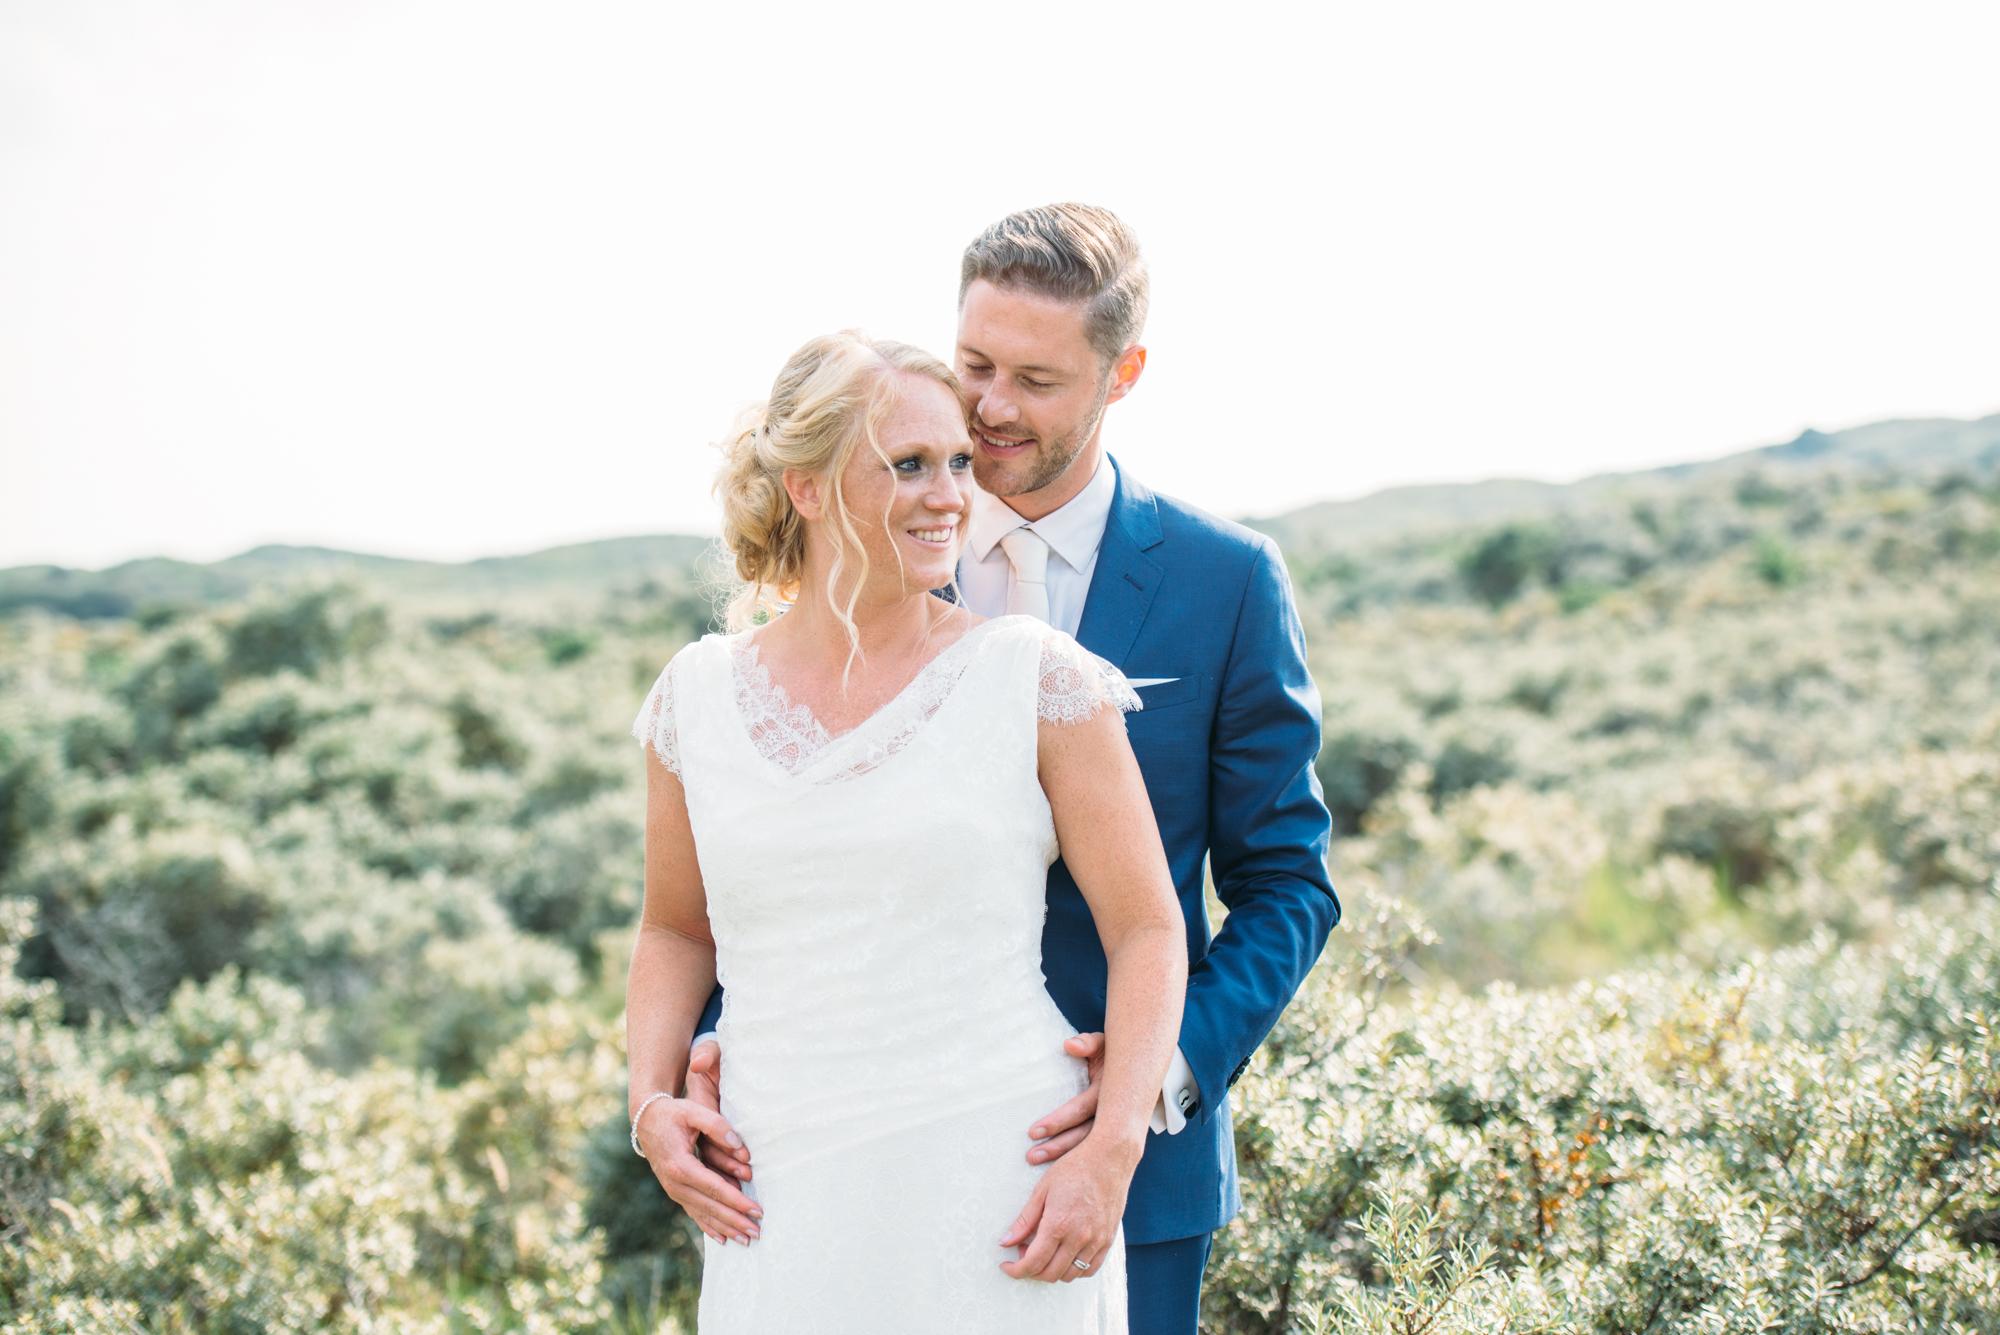 bruidsfotografie-Castricum-aan-zee-Esmee-en-Jeff-23